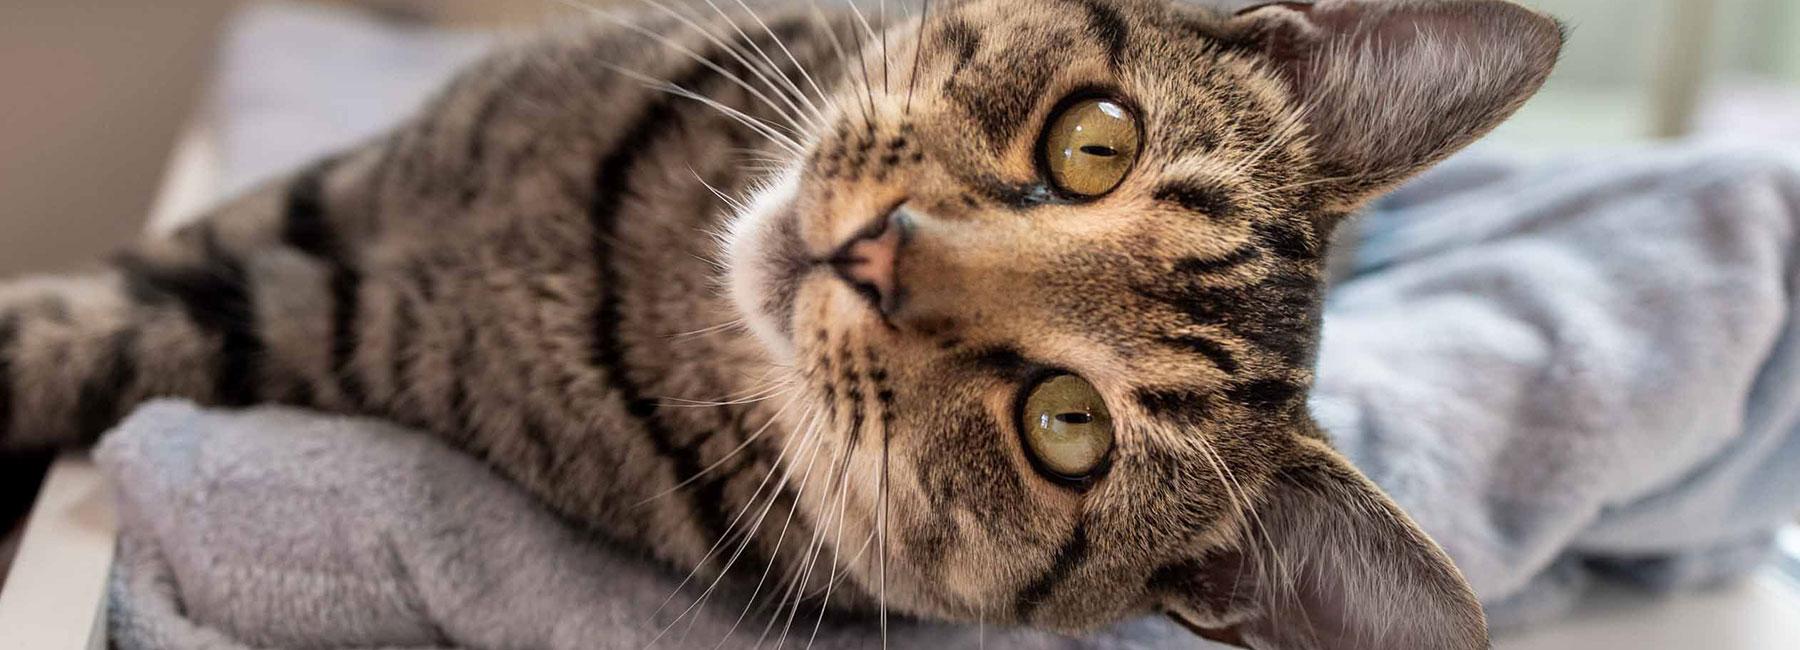 kitten-sideways